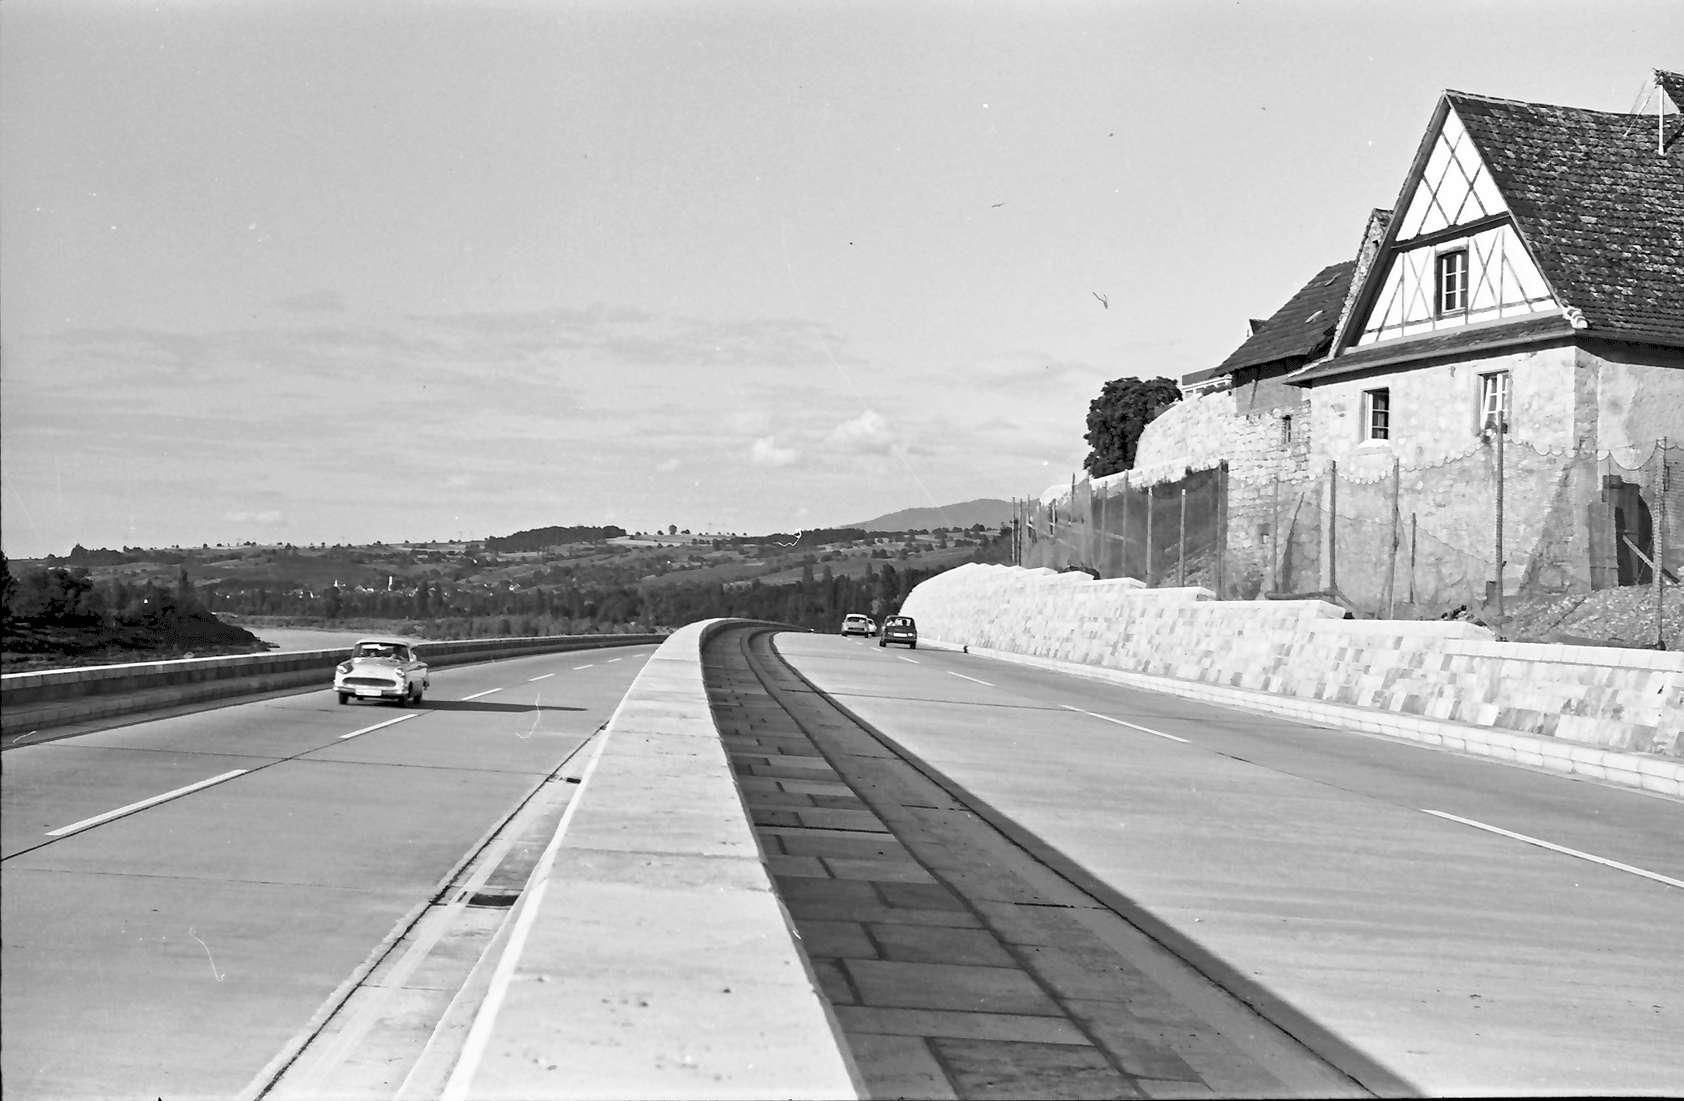 Rheinweiler: Autobahnbauwerk Doppelrampe; Ansicht von Süden mit Stützmauer, Bild 1